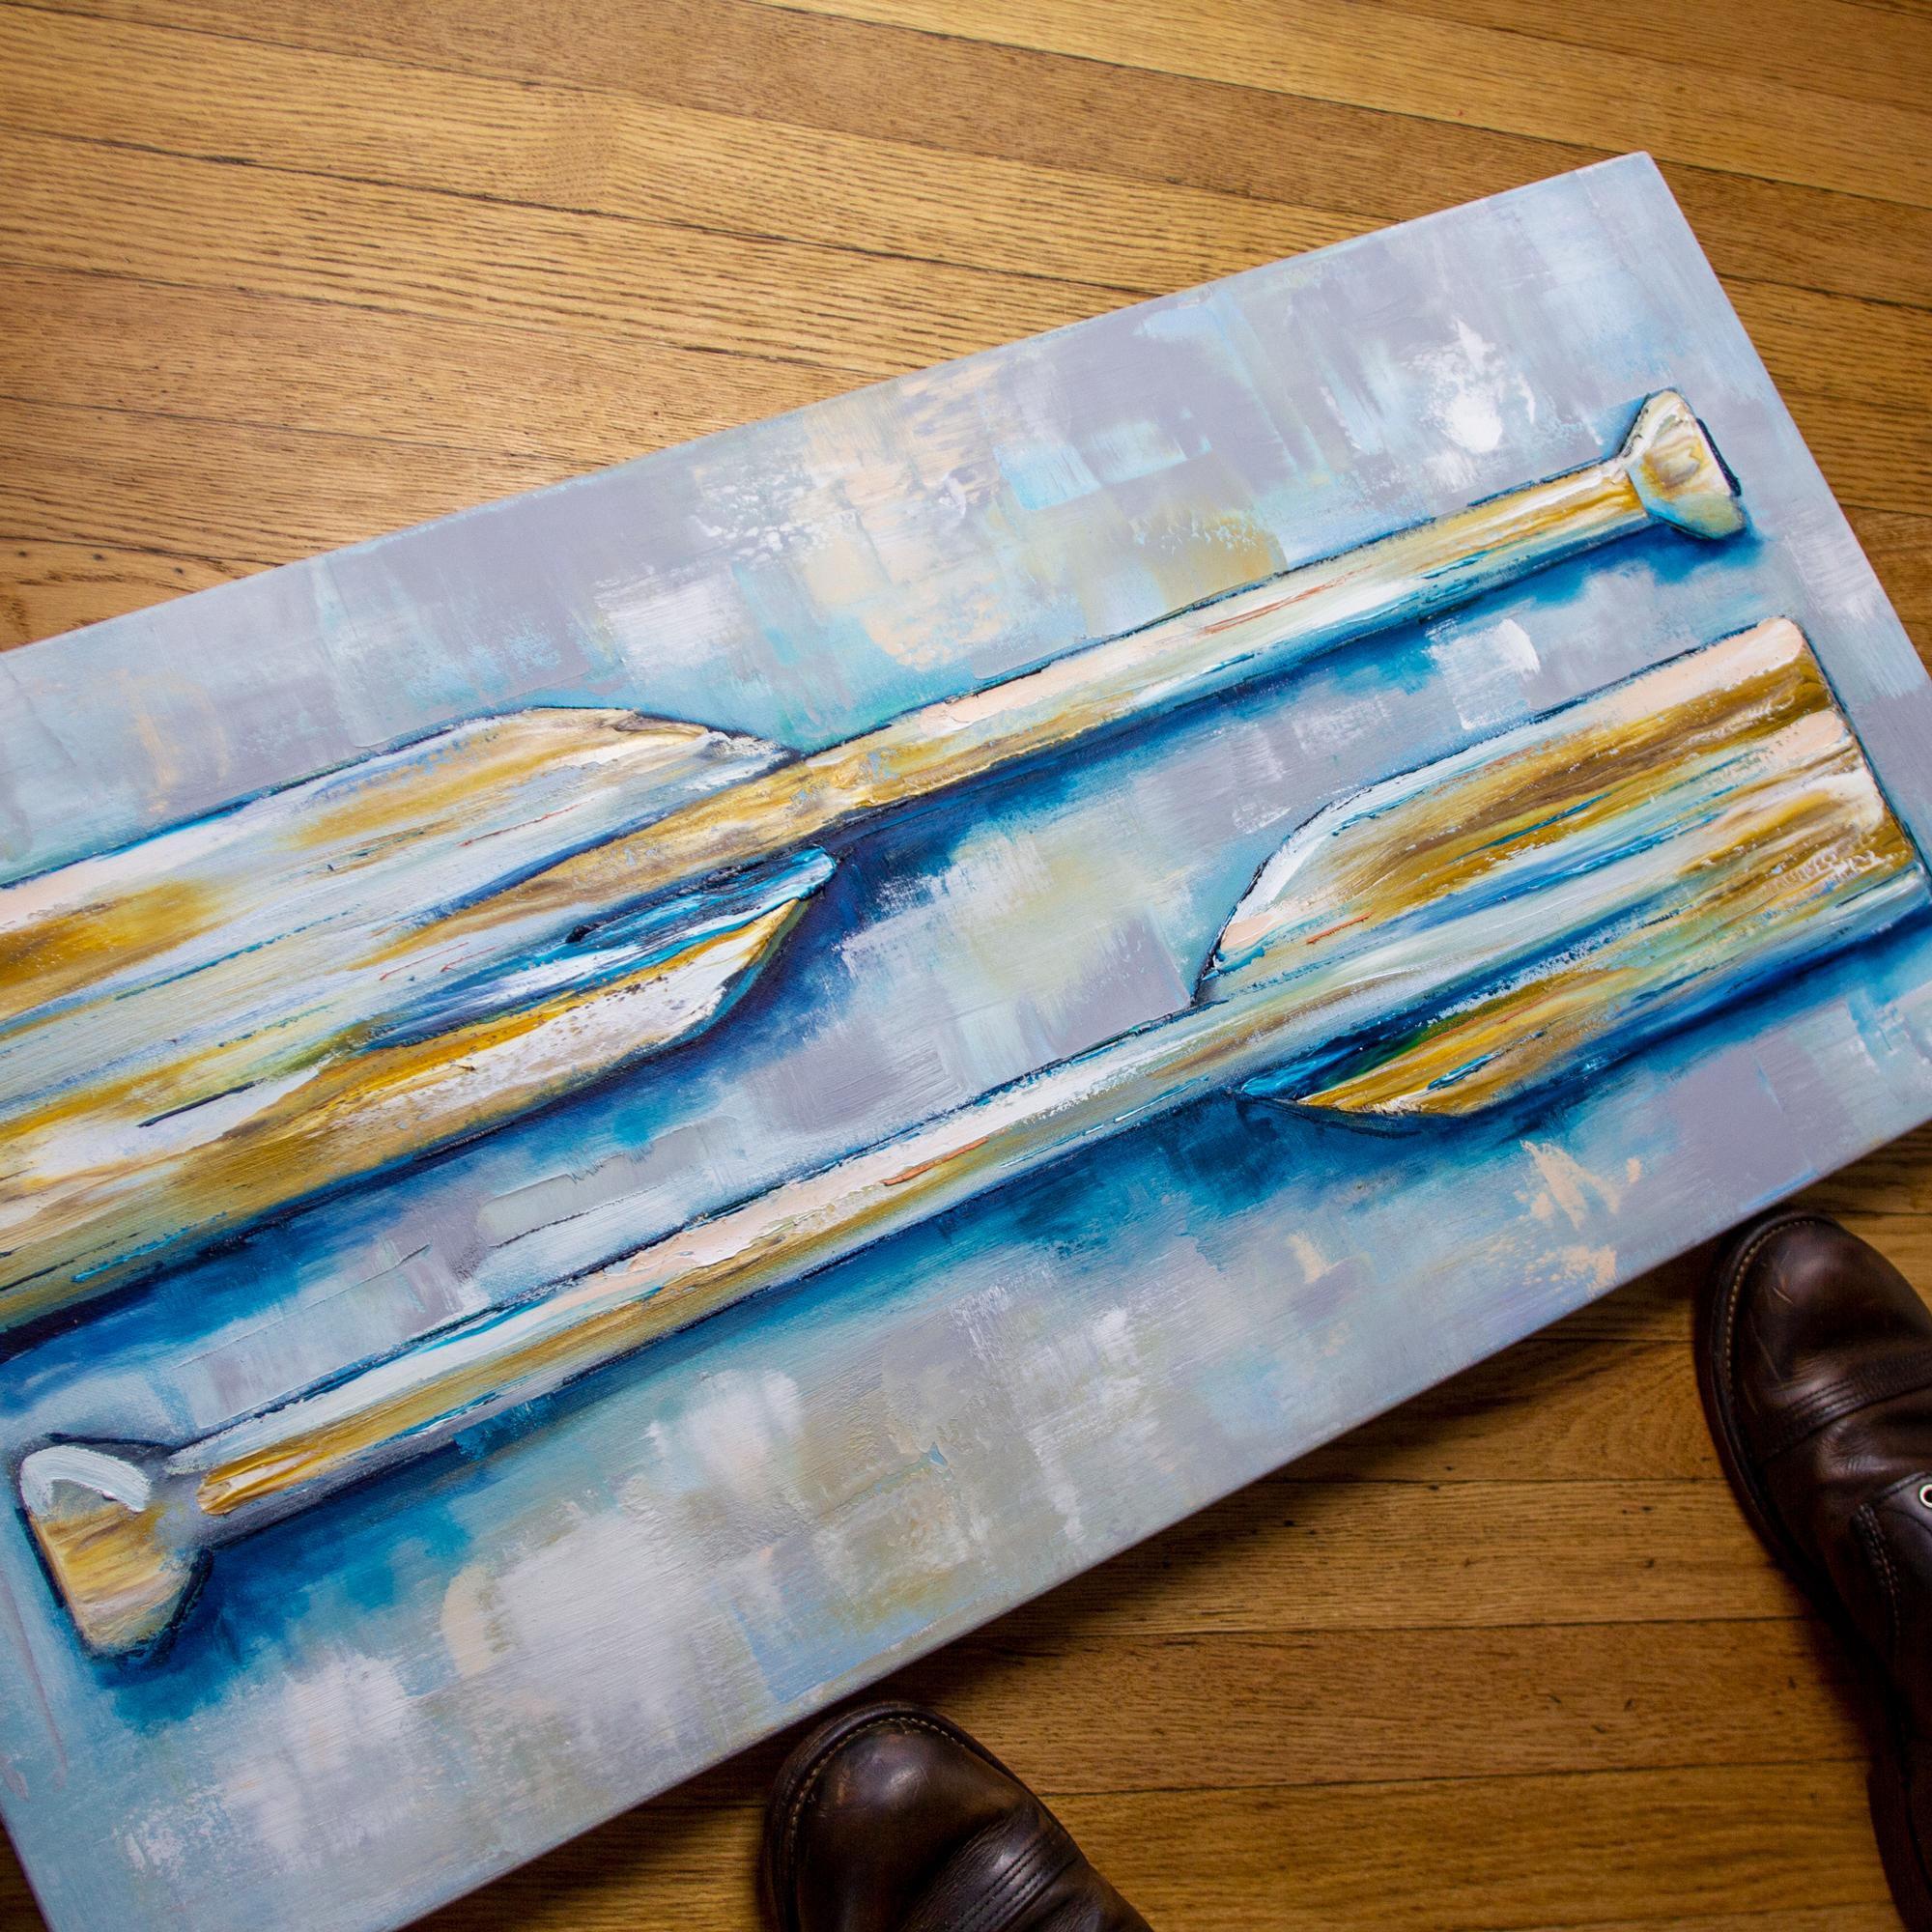 Canoe Paddle Painting